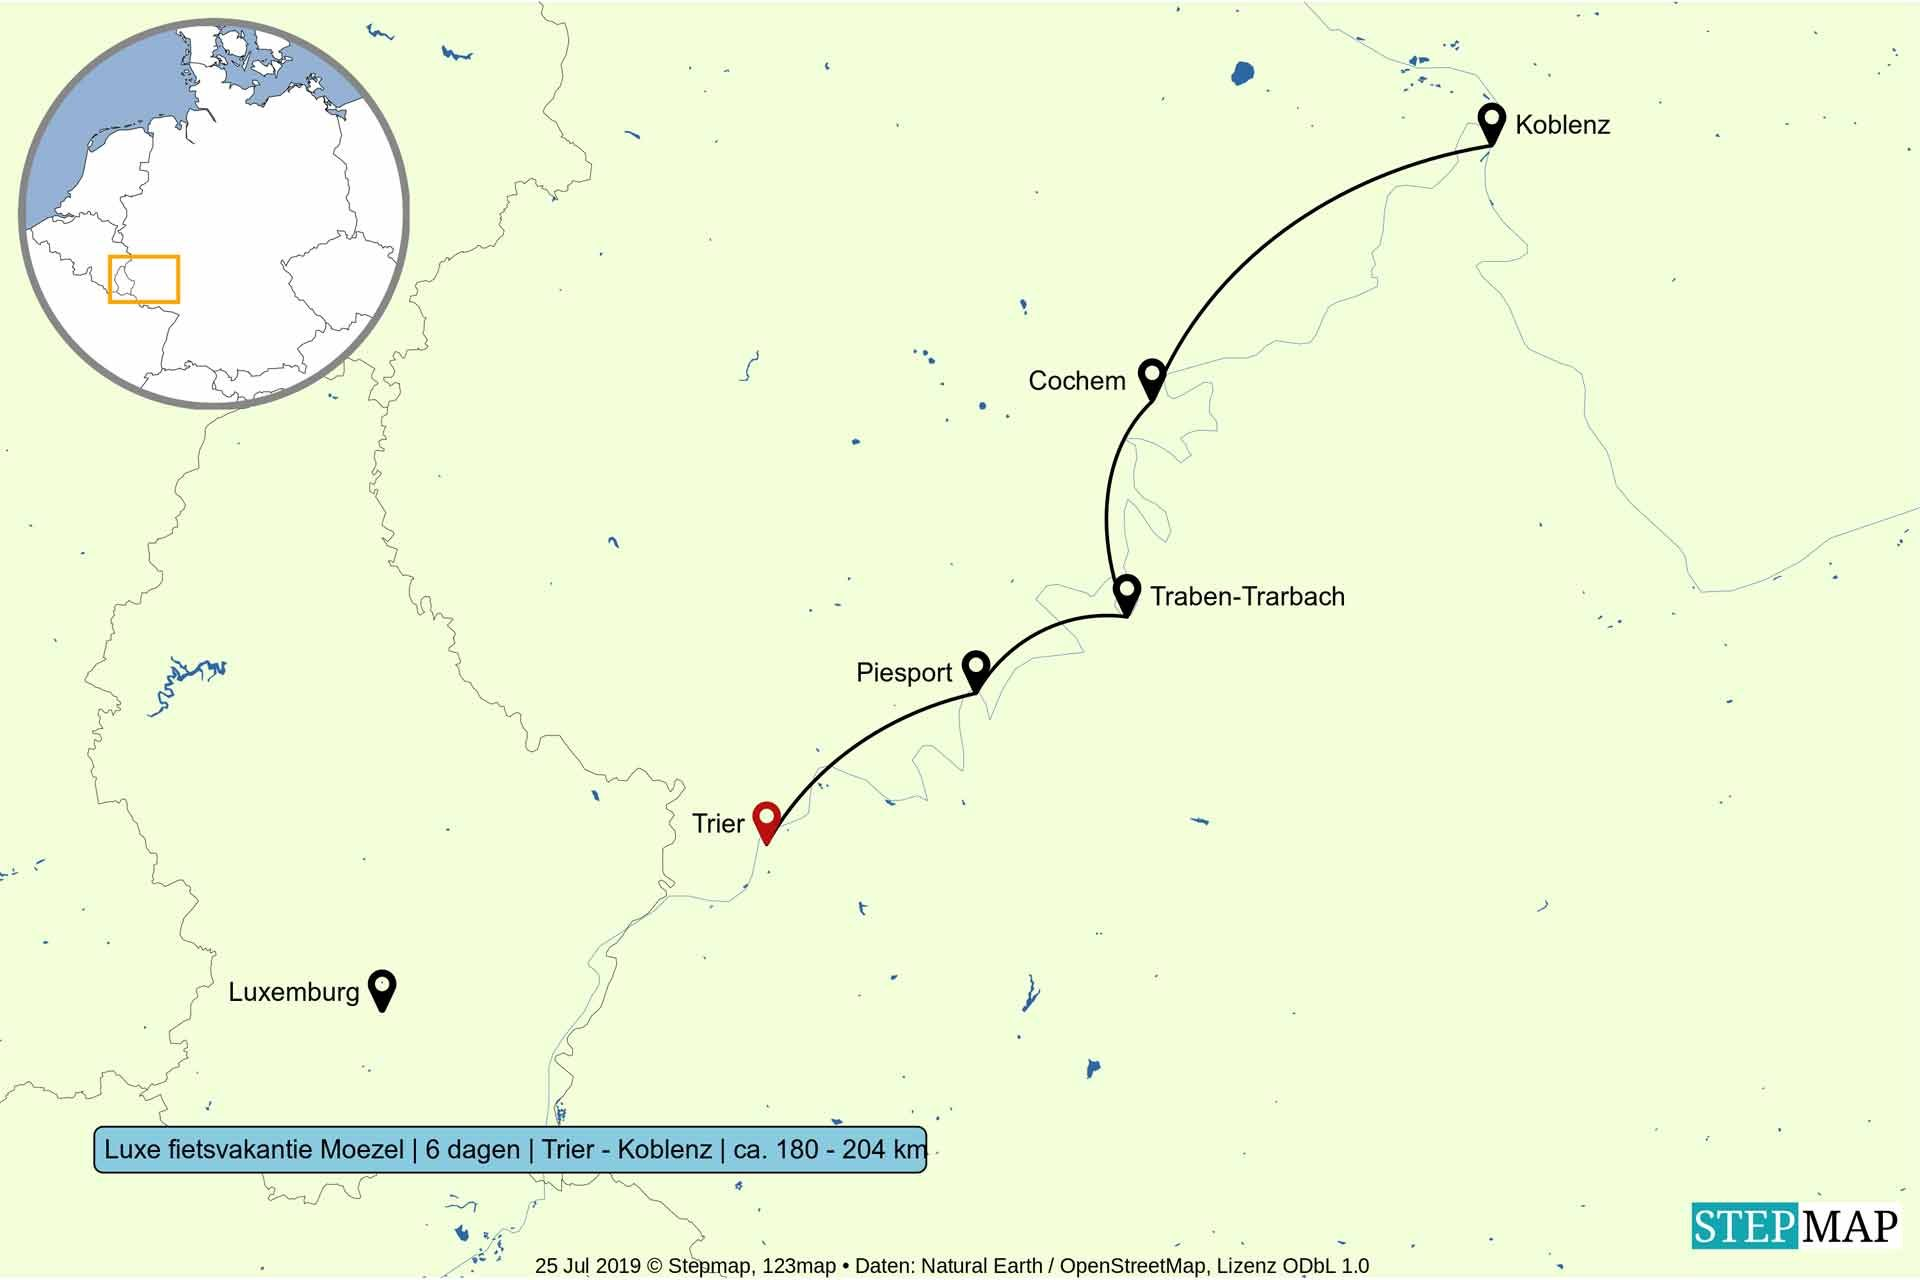 Route van luxe fietsvakantie langs de Moezel - 6 dagen